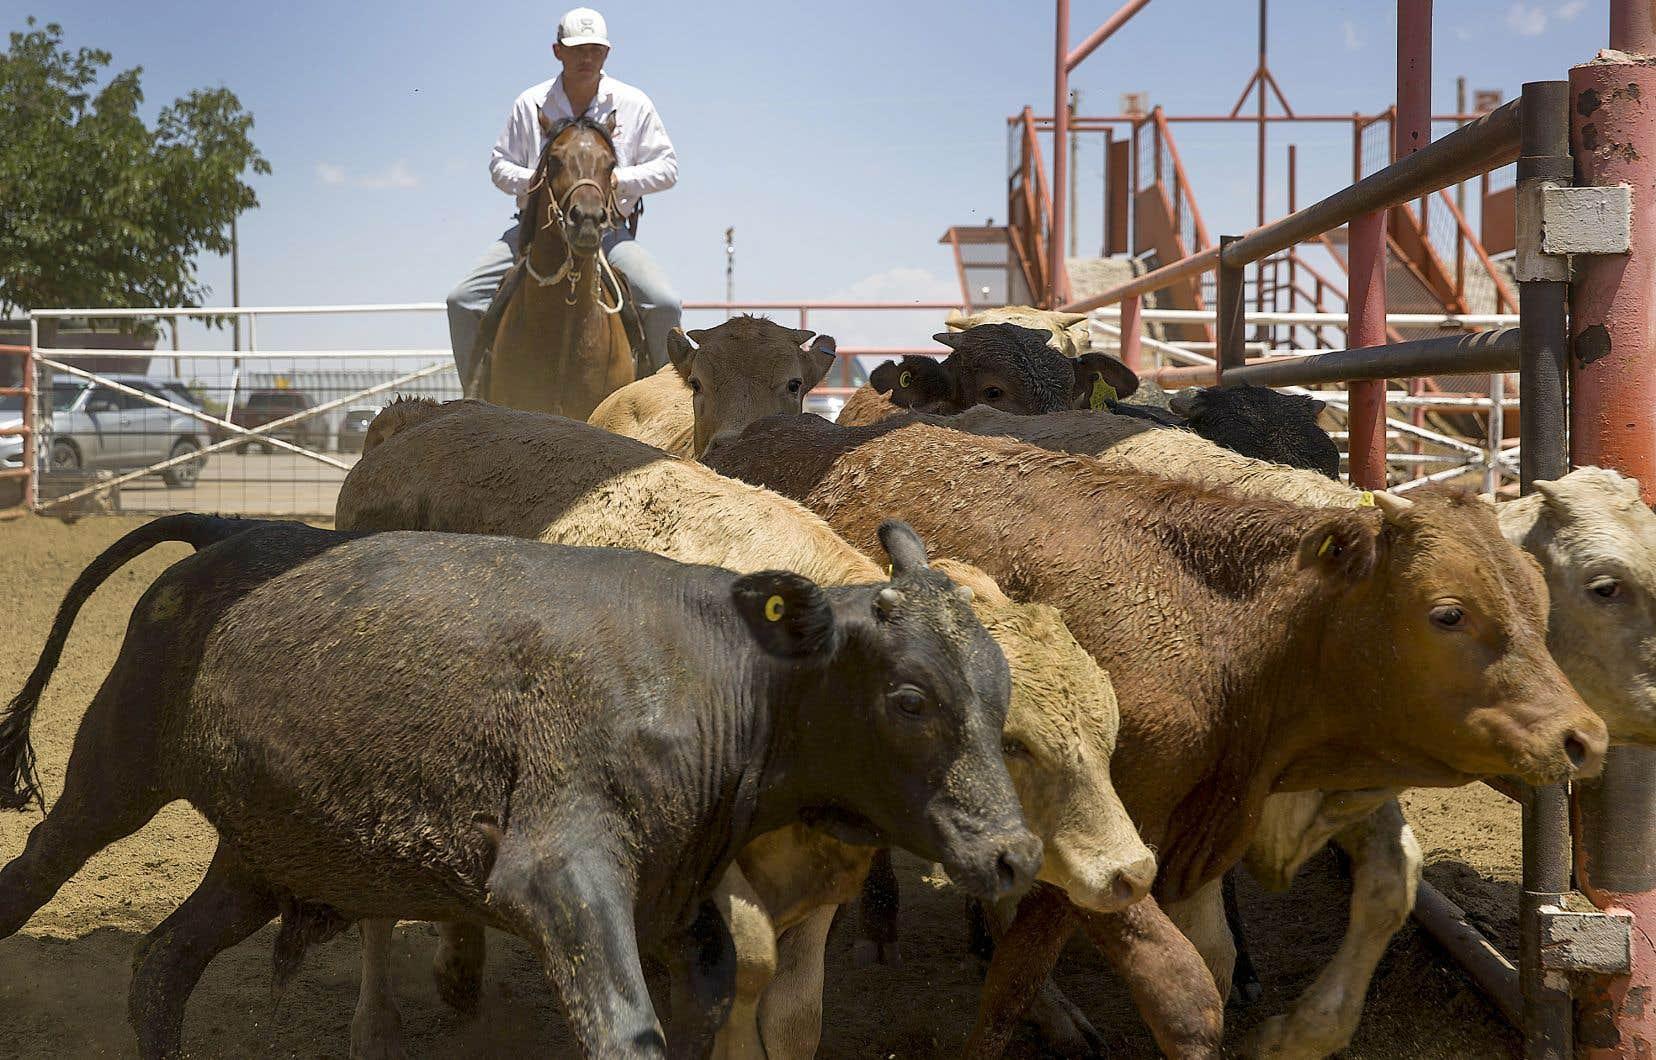 La production animale mondiale accélère la destruction des écosystèmes naturels et la crise climatique, conclut un récent rapport de l'organisme britannique Chatam House.